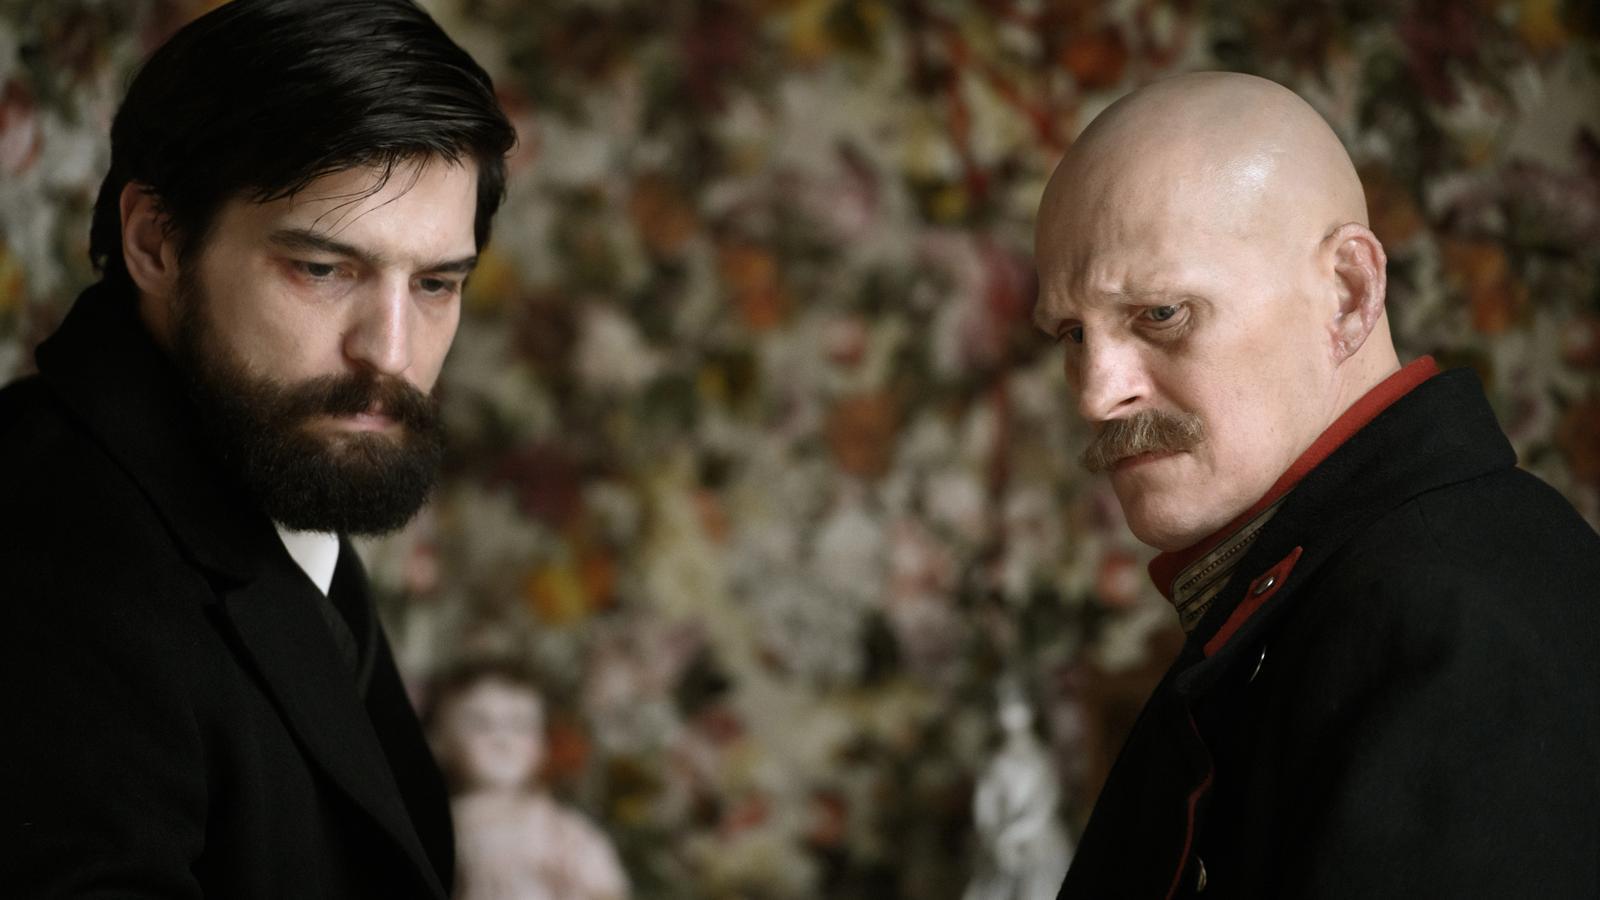 Robert Finster (Freud) i Georg Friedrich (Kiss), a la sèrie 'Freud'